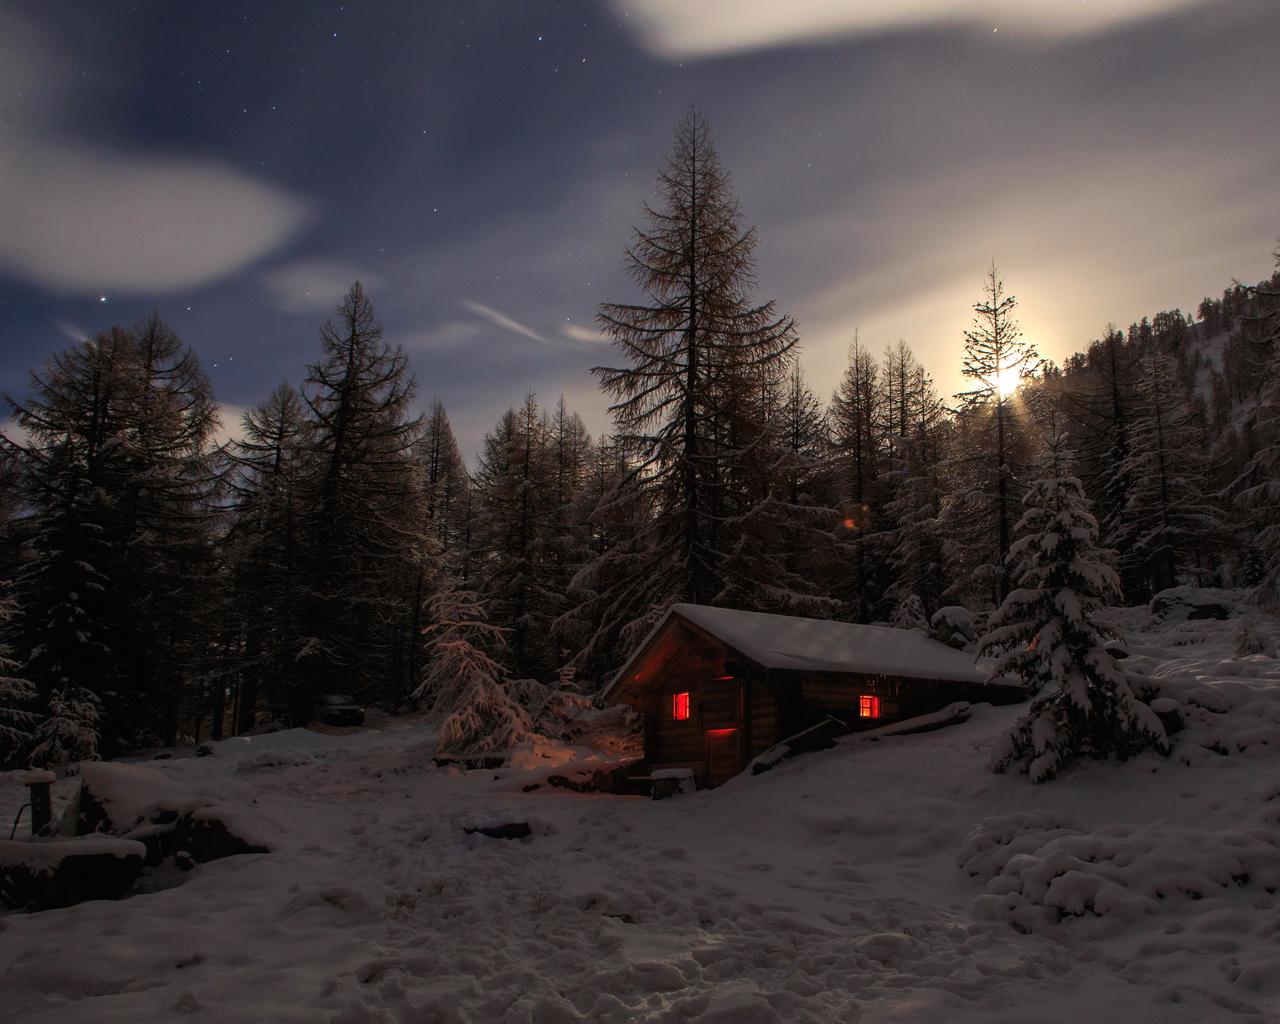 швейцария, домик, зима, лес, ель, ночь, снег, альпы, природа